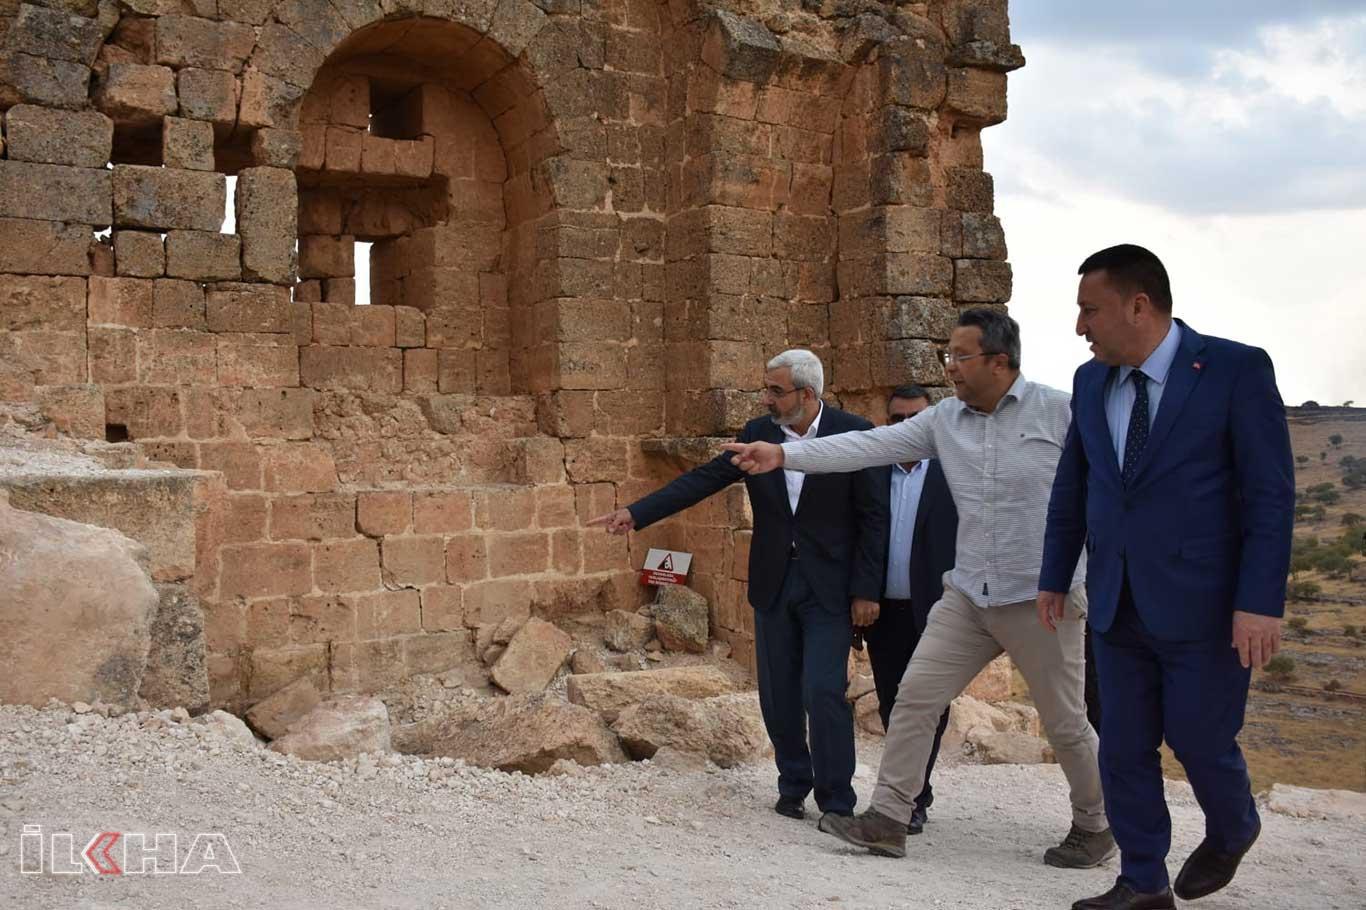 Beyoğlu: Zerzevan Kalesi Dünya Kültür Mirası listesine alınmalı.